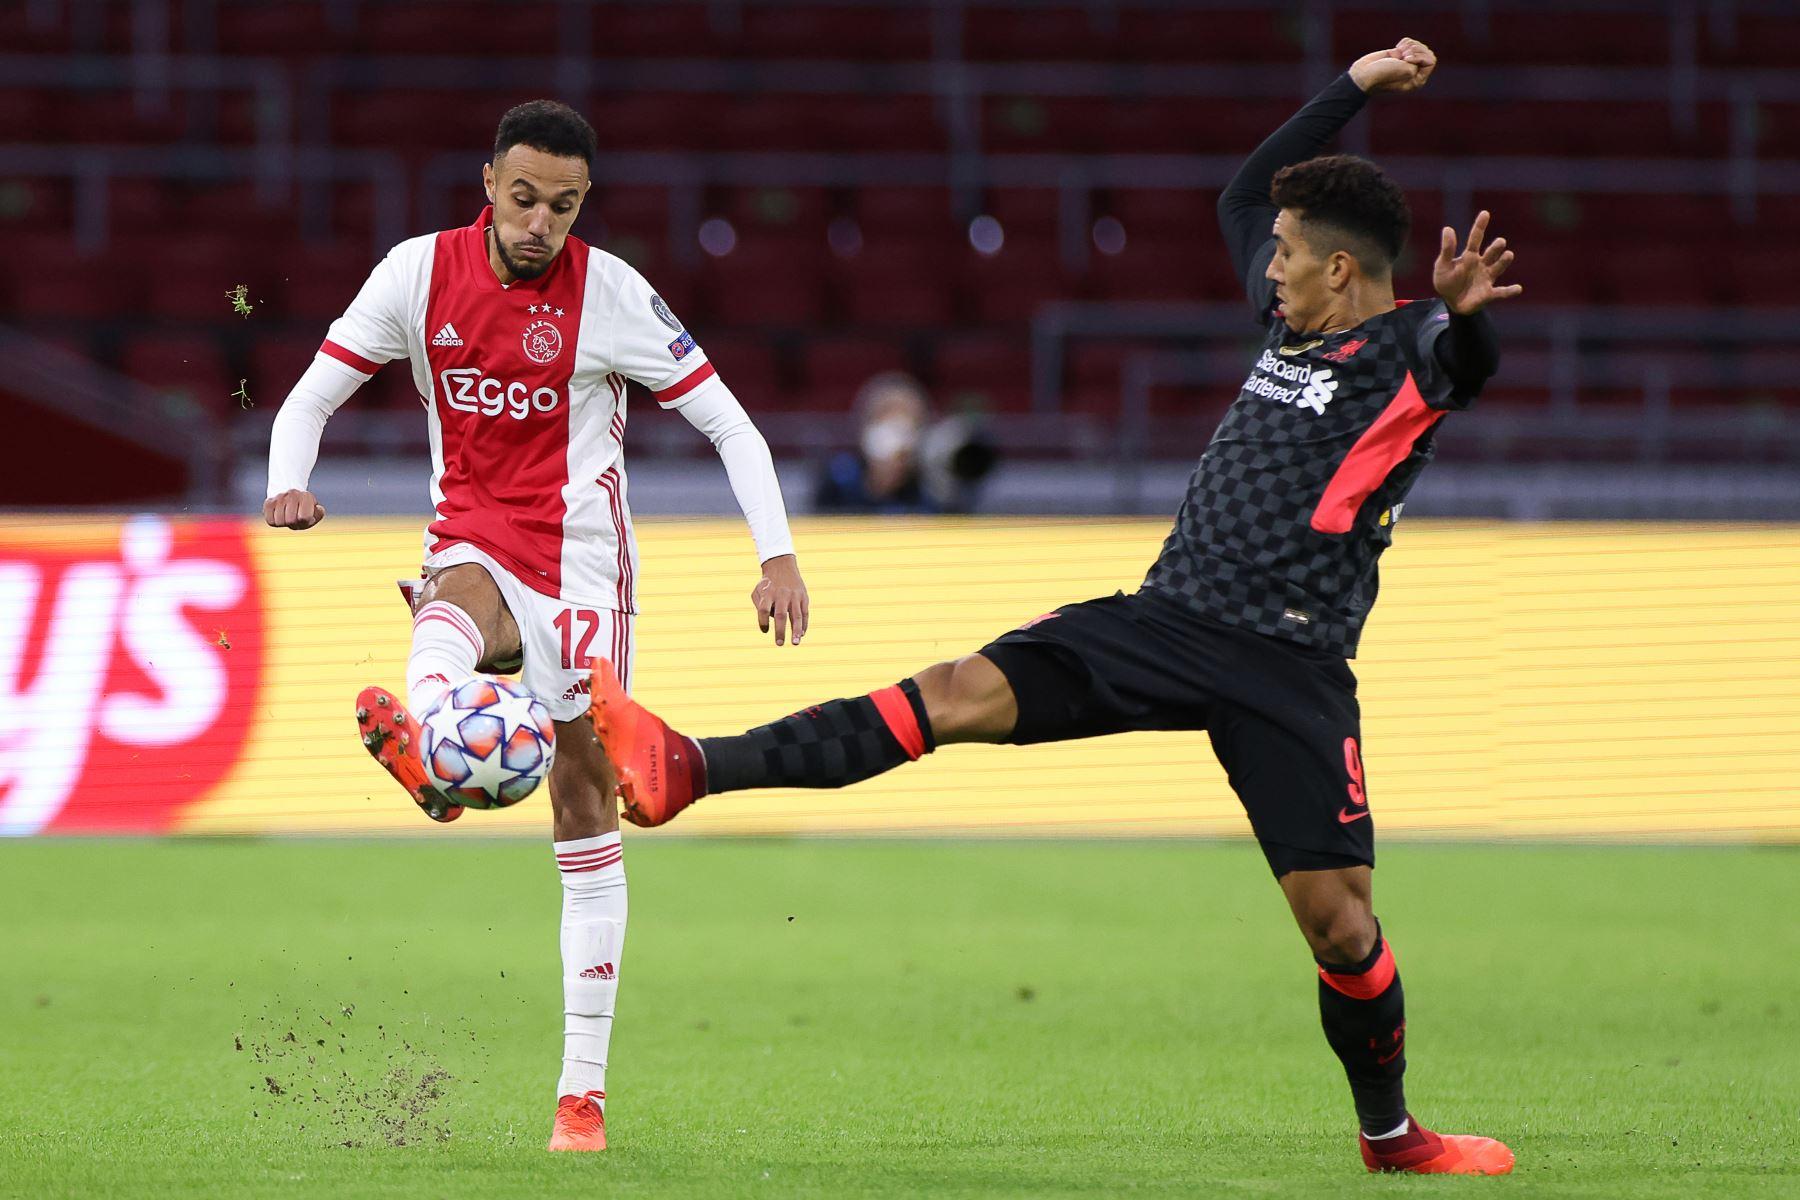 El defensor marroquí del Ajax Noussair Mazraoui compite por el balón con el delantero brasileño del Liverpool, Roberto Firmino, durante el partido de fútbol del Grupo D de la Liga de Campeones de la UEFA. Foto: AFP